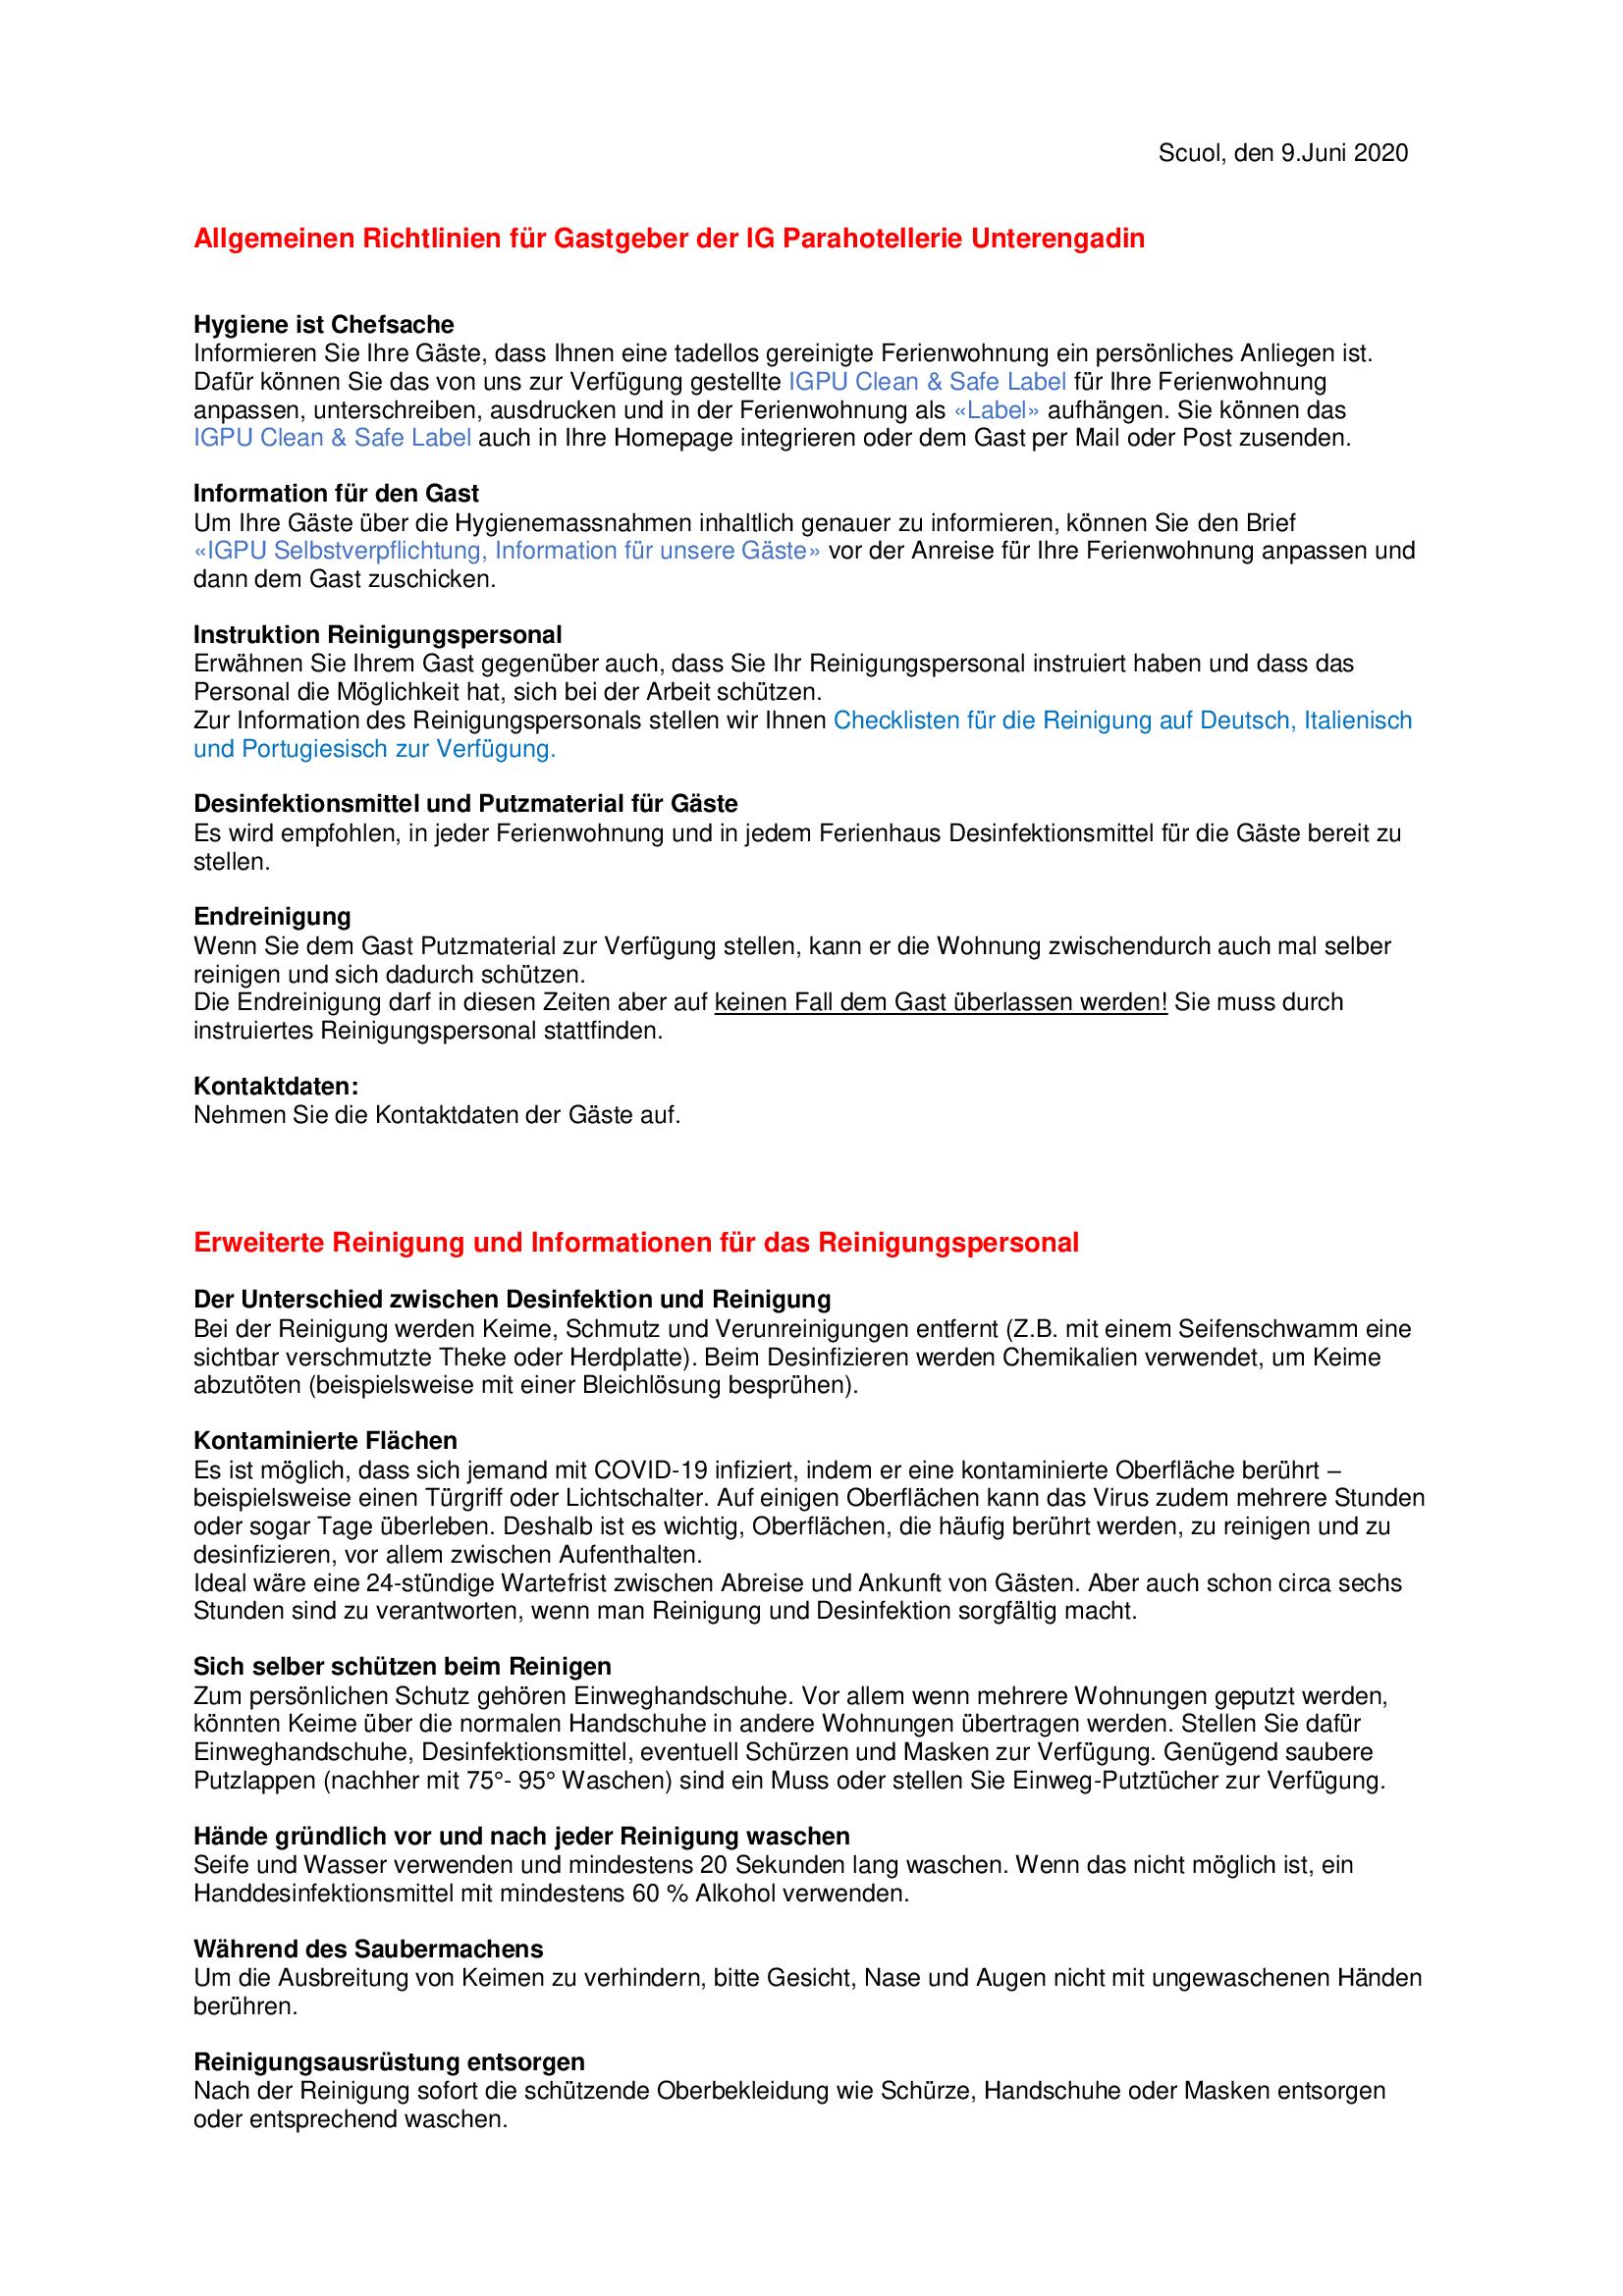 Allgemeinen Richtlinien für Gastgeber der IG Parahotellerie Unterengadin